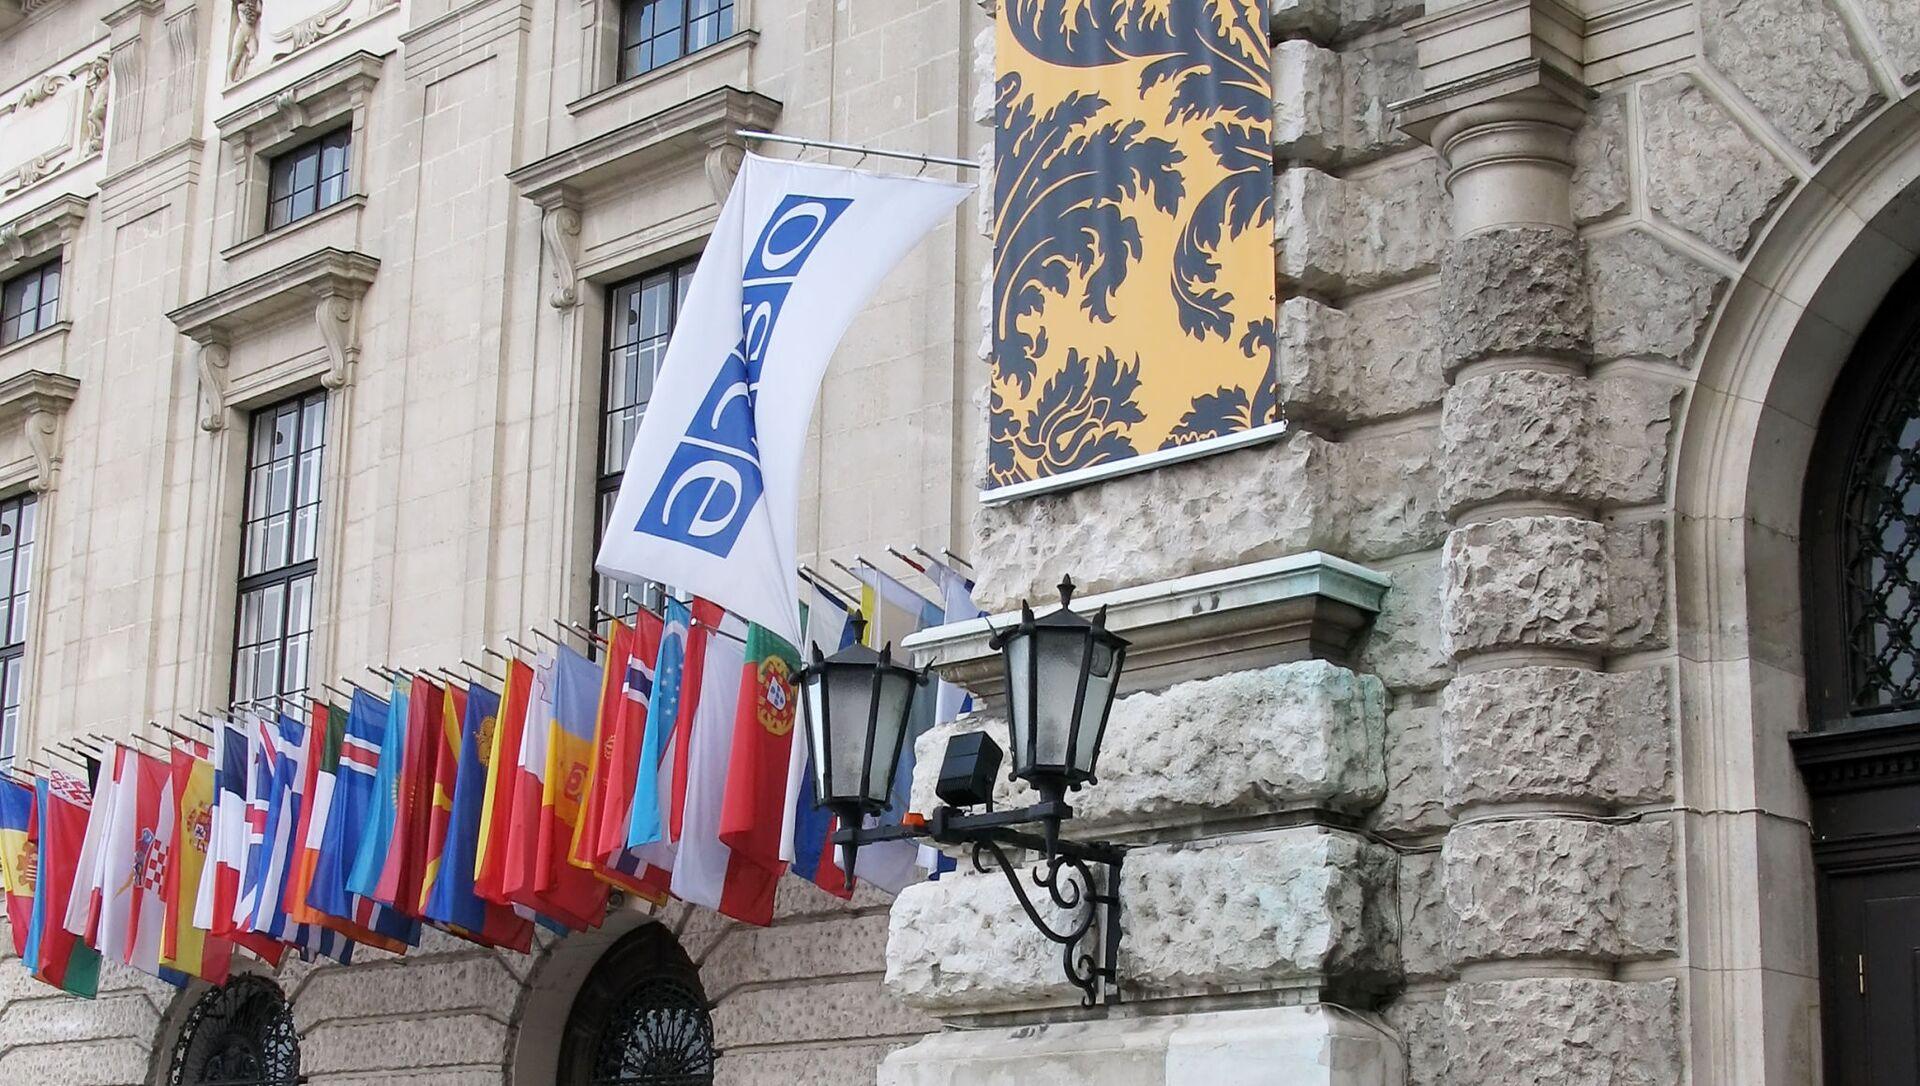 Штаб-квартира Организации по безопасности и сотрудничеству в Европе (ОБСЕ), фото из архива - Sputnik Азербайджан, 1920, 25.09.2021